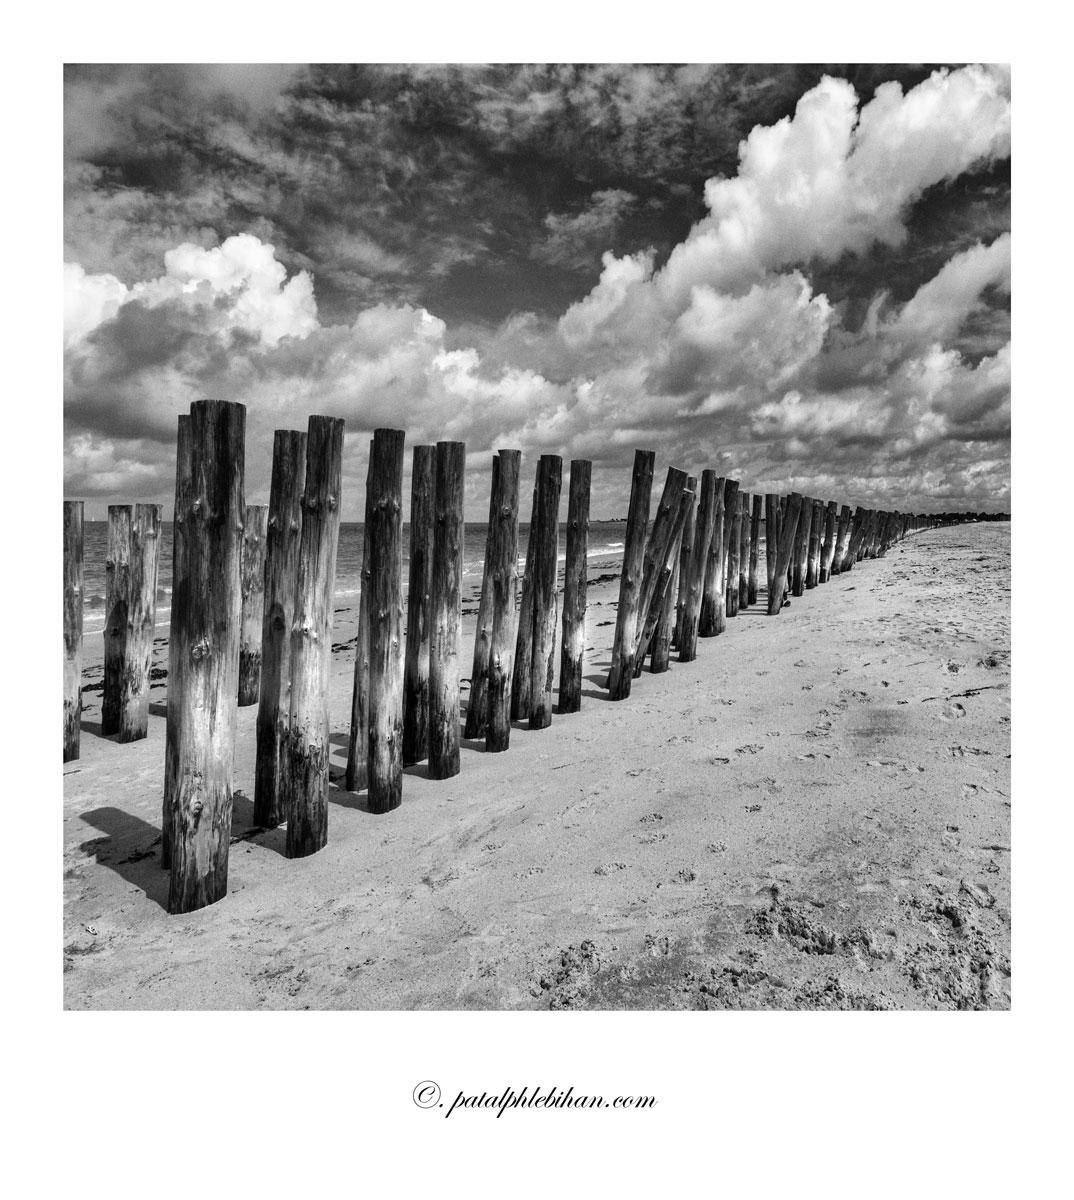 Noirmout_0420-acnbpolaw